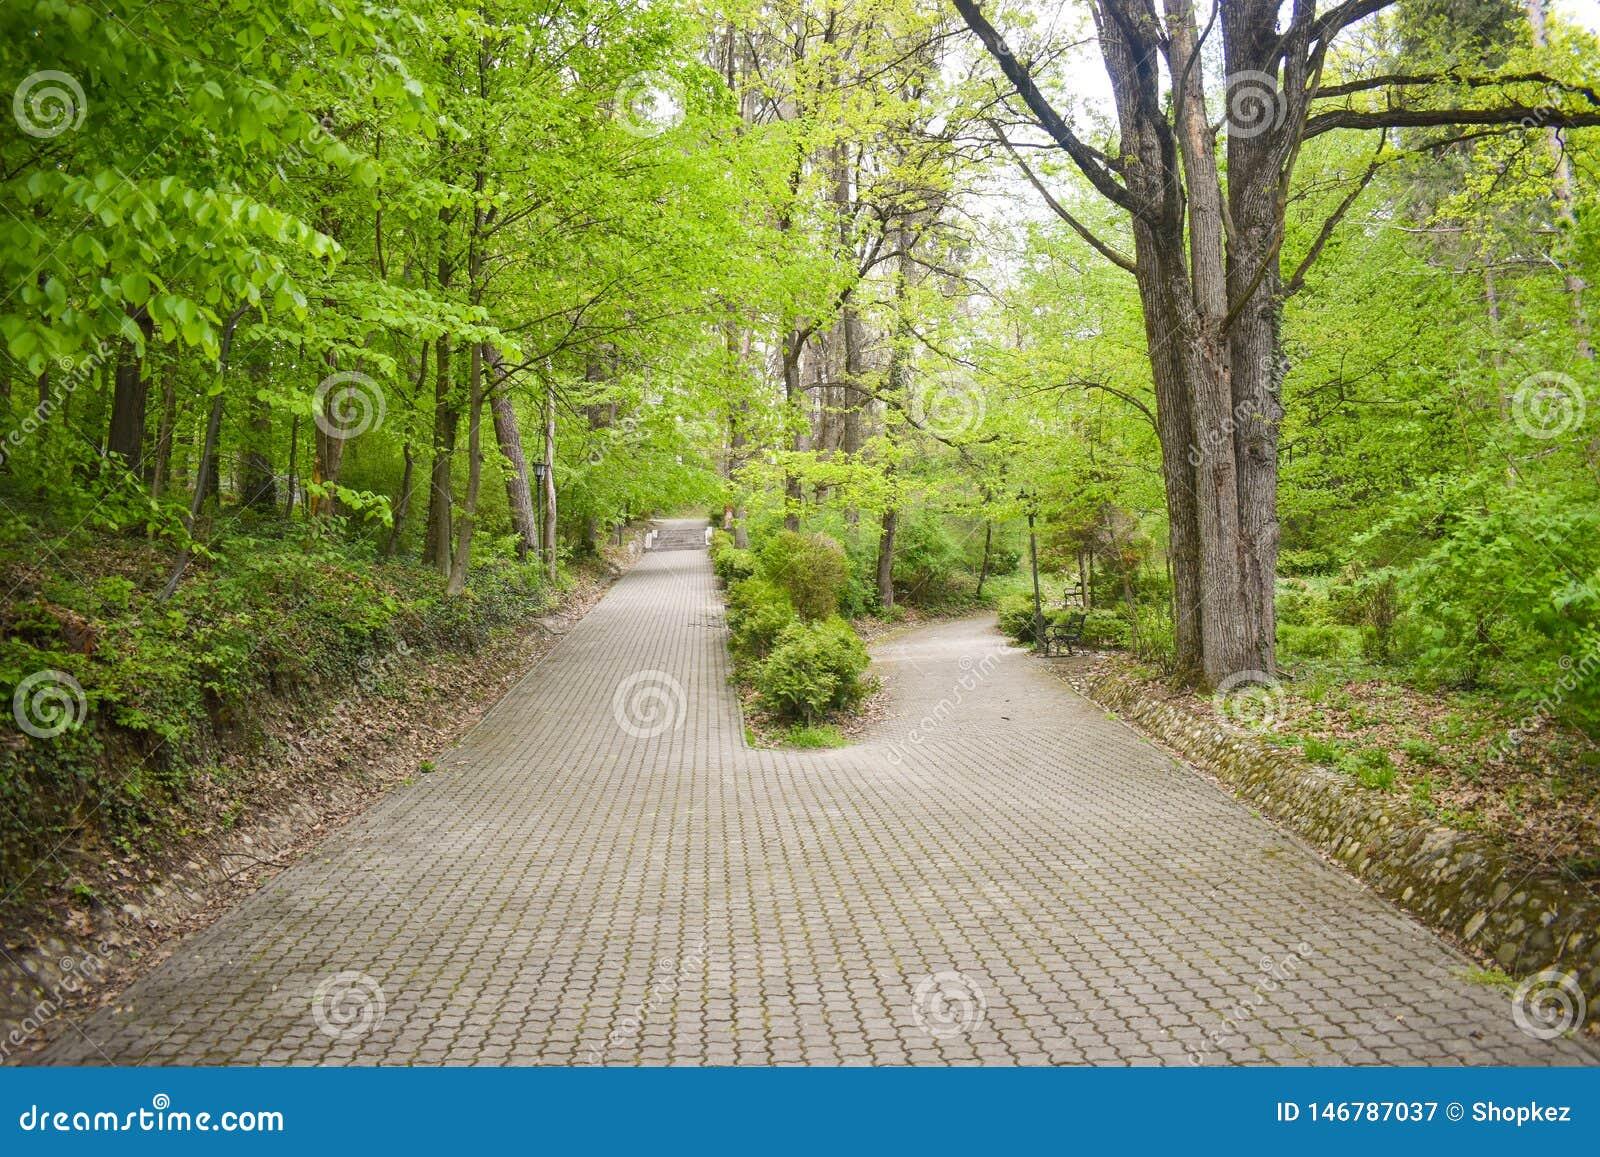 Intersecci?n de dos callejones en el parque entre ?rboles y arbustos El callej?n grande splitted en dos trayectorias m?s peque?as